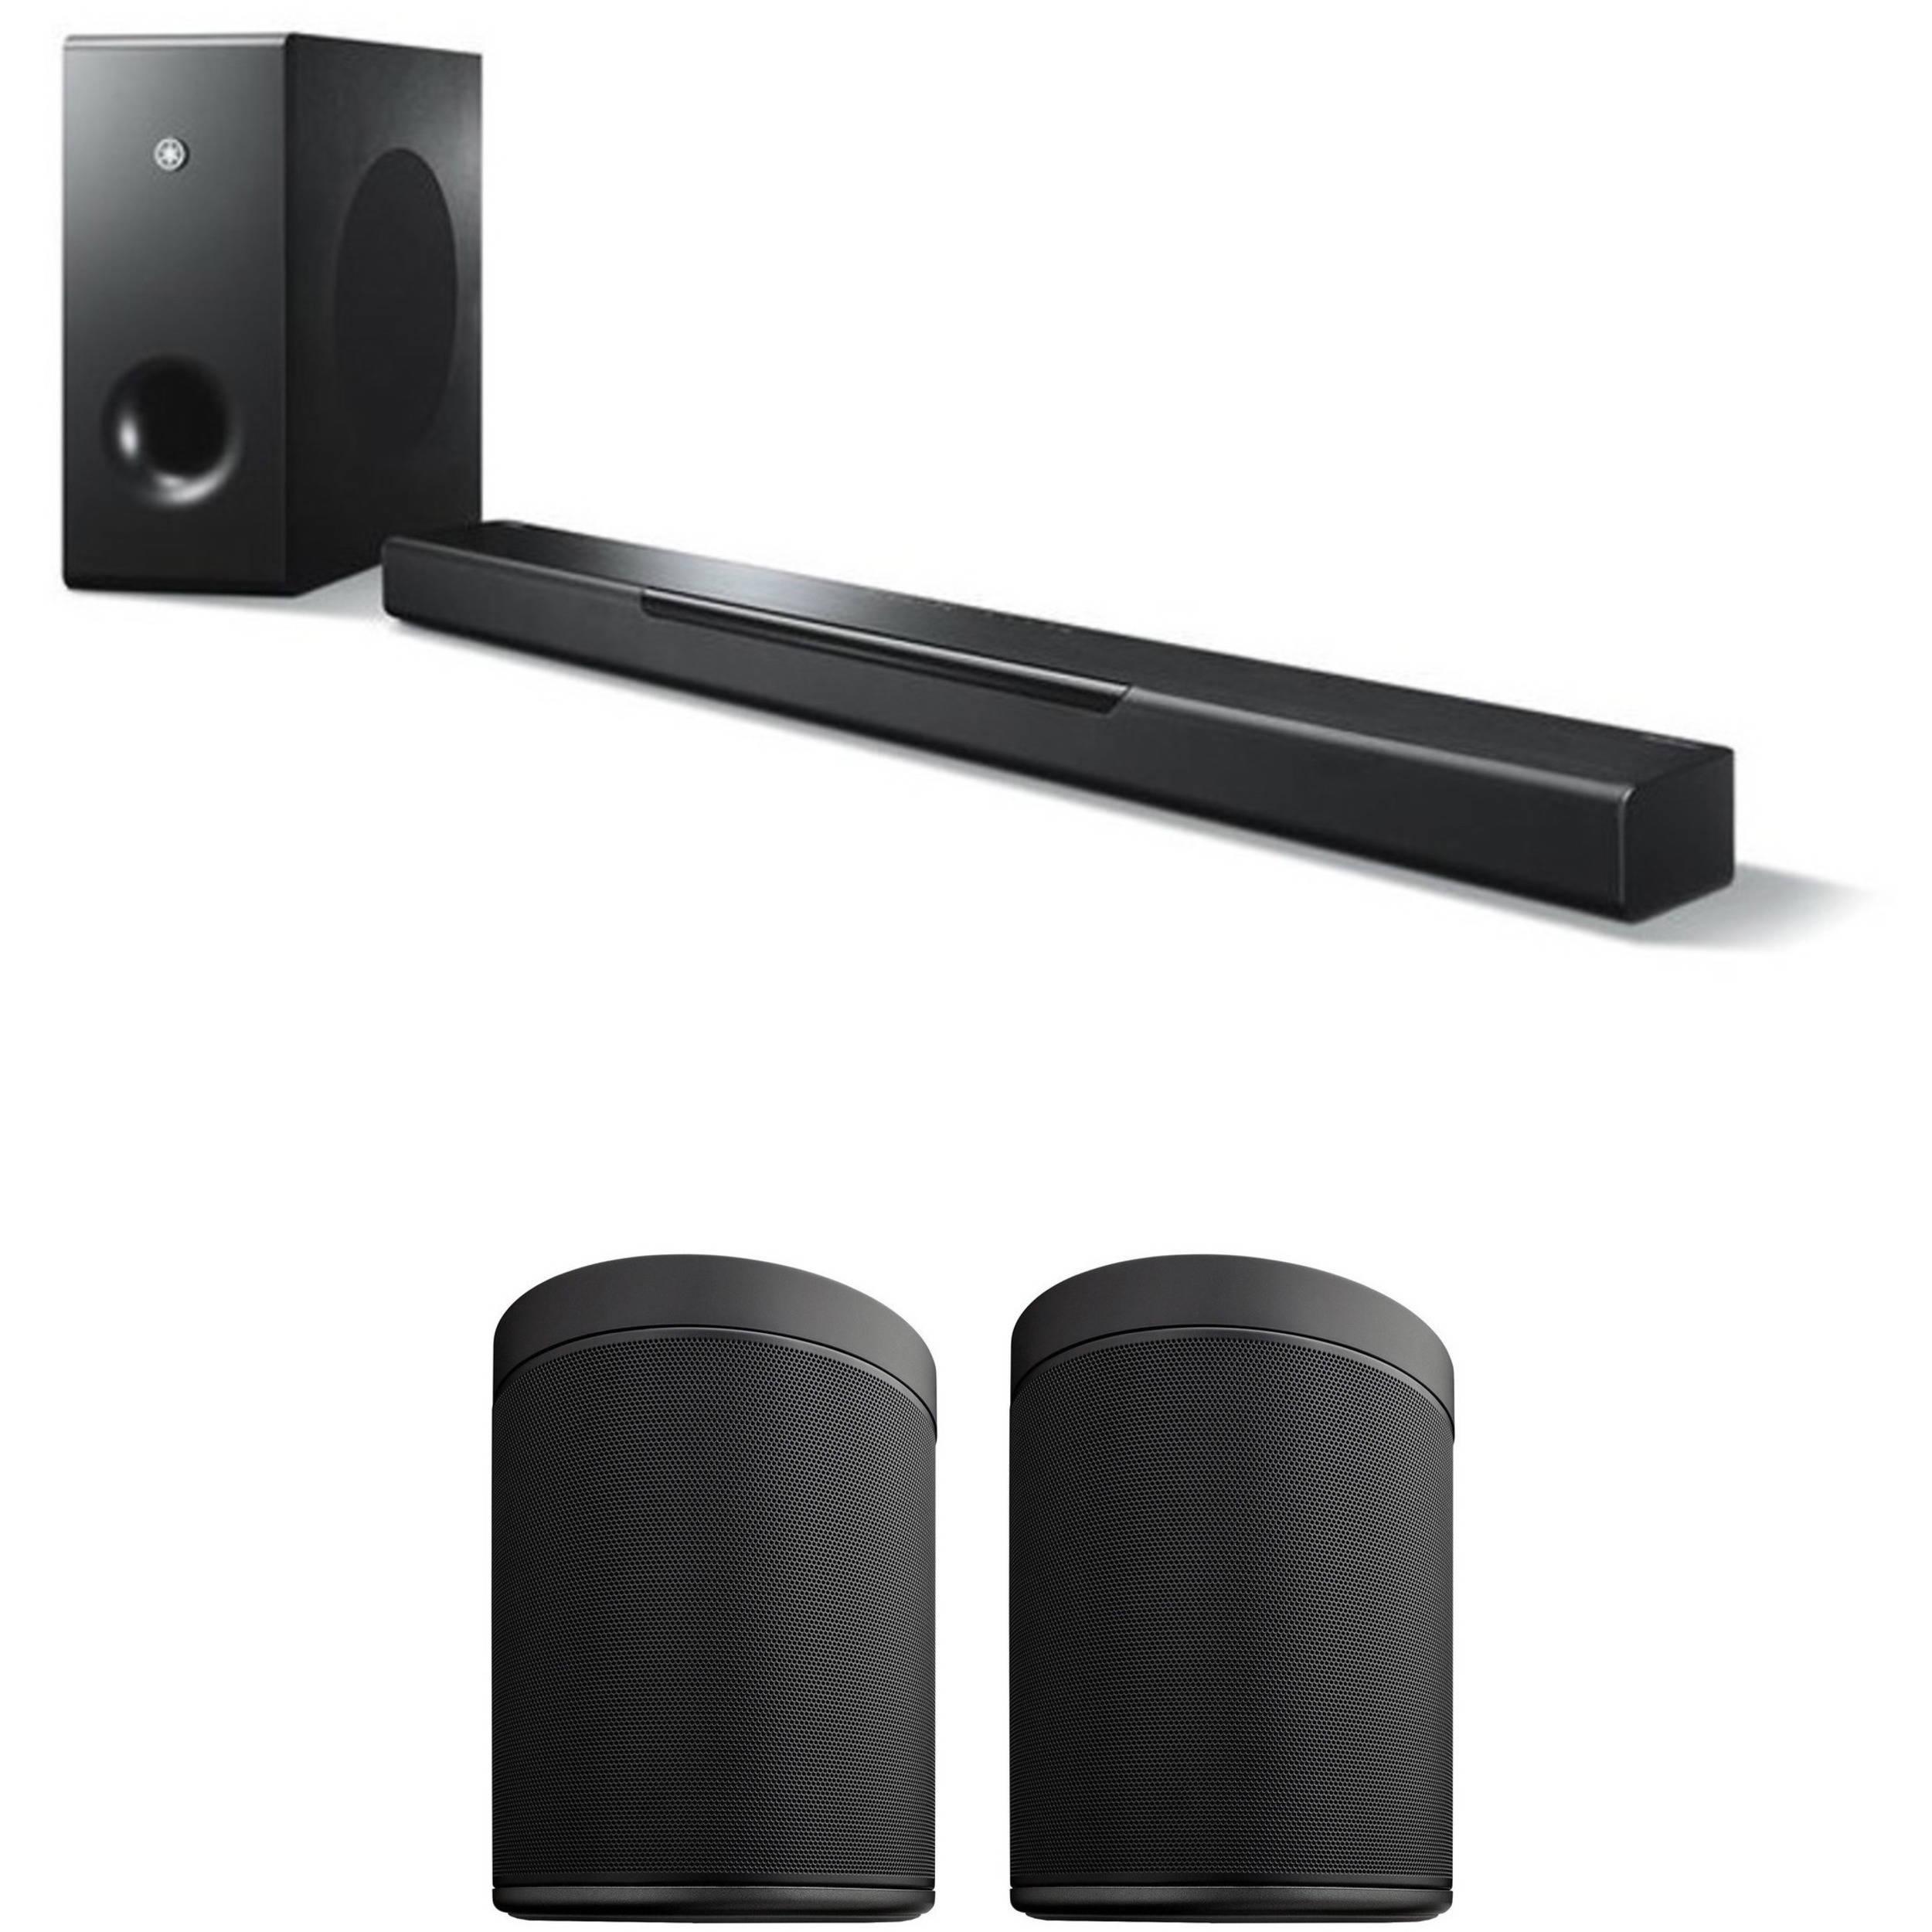 yamaha musiccast bar 400 soundbar system and musiccast 20 b h. Black Bedroom Furniture Sets. Home Design Ideas